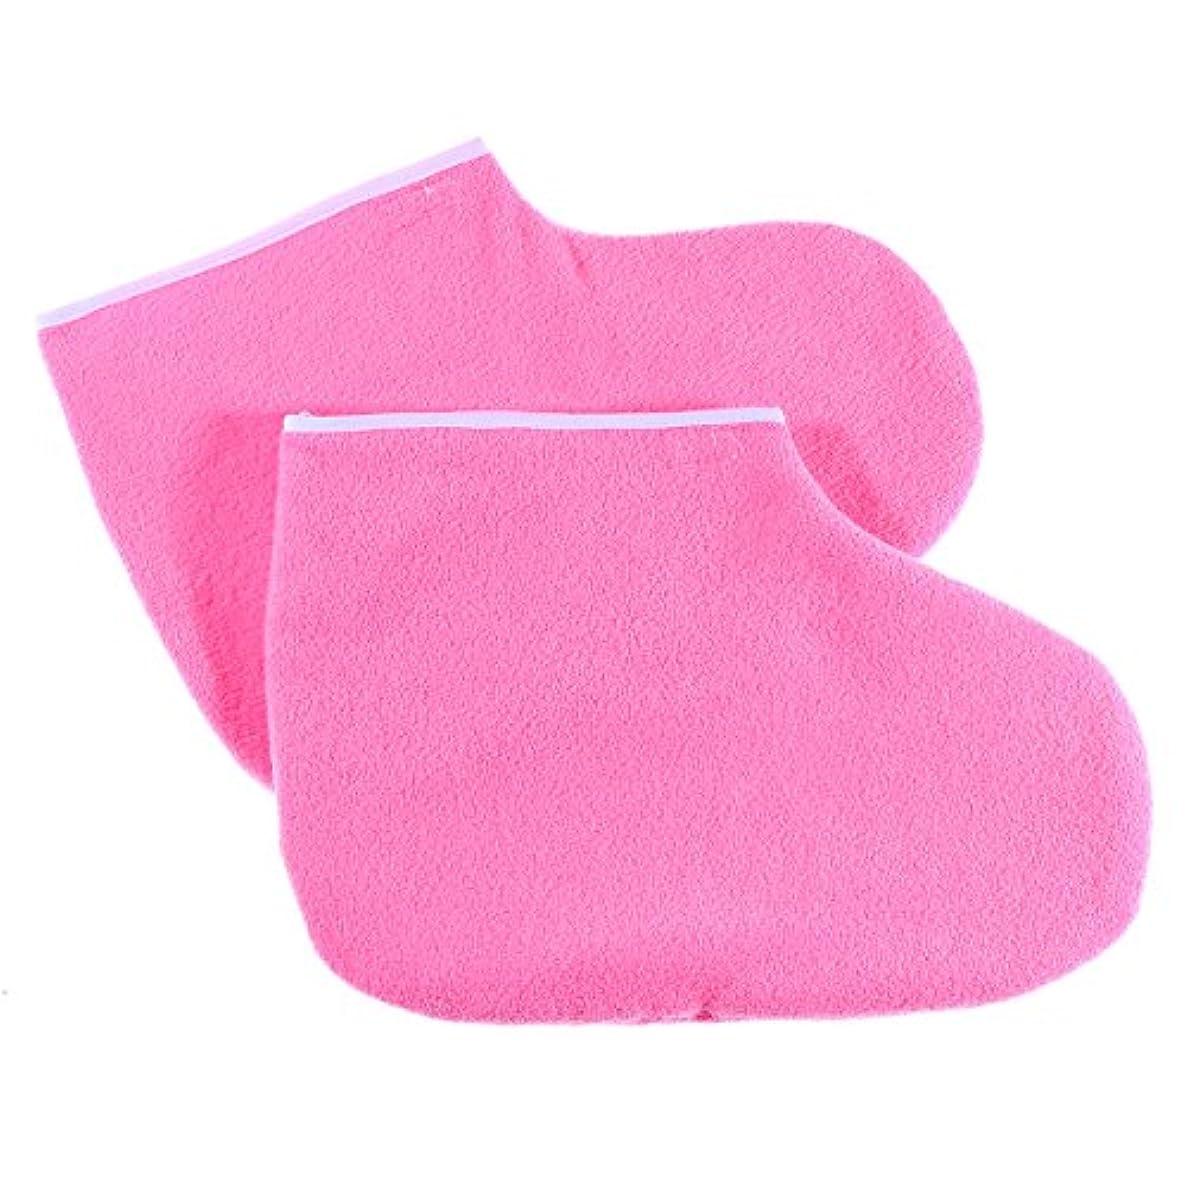 心臓退院取り除くHealifty ワックスバスハンドトリートメントミットフットスパカバー薄型ヒートセラピー絶縁ソフトコットンミットンフィートハンドケアセット(ピンク)